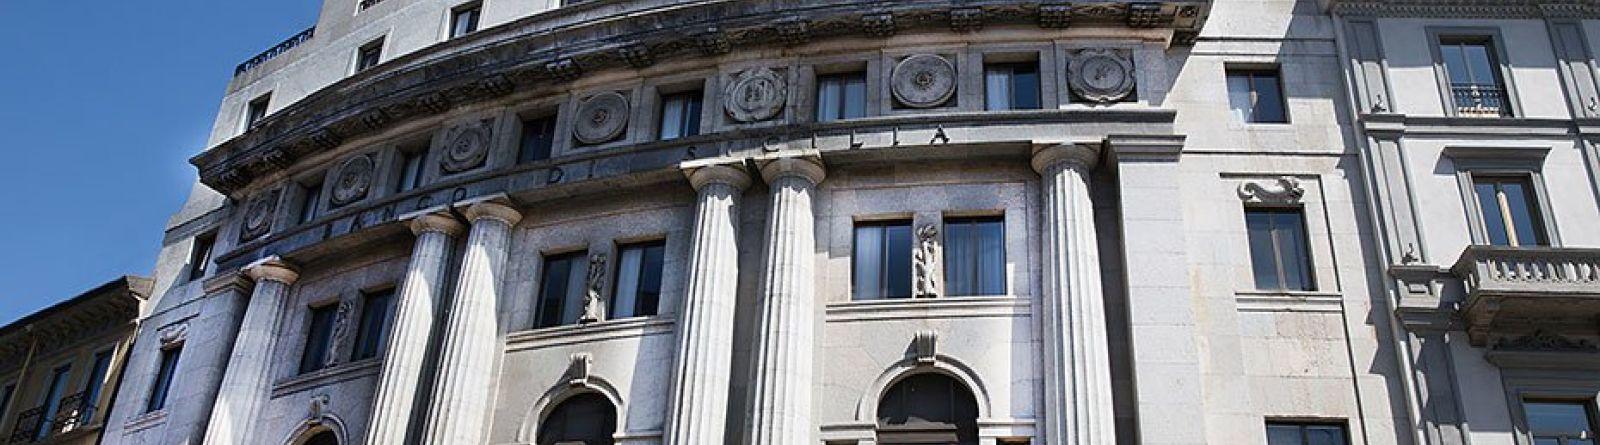 Mediobanca, 102.5 milioni per l'acquisto di un palazzo a Milano